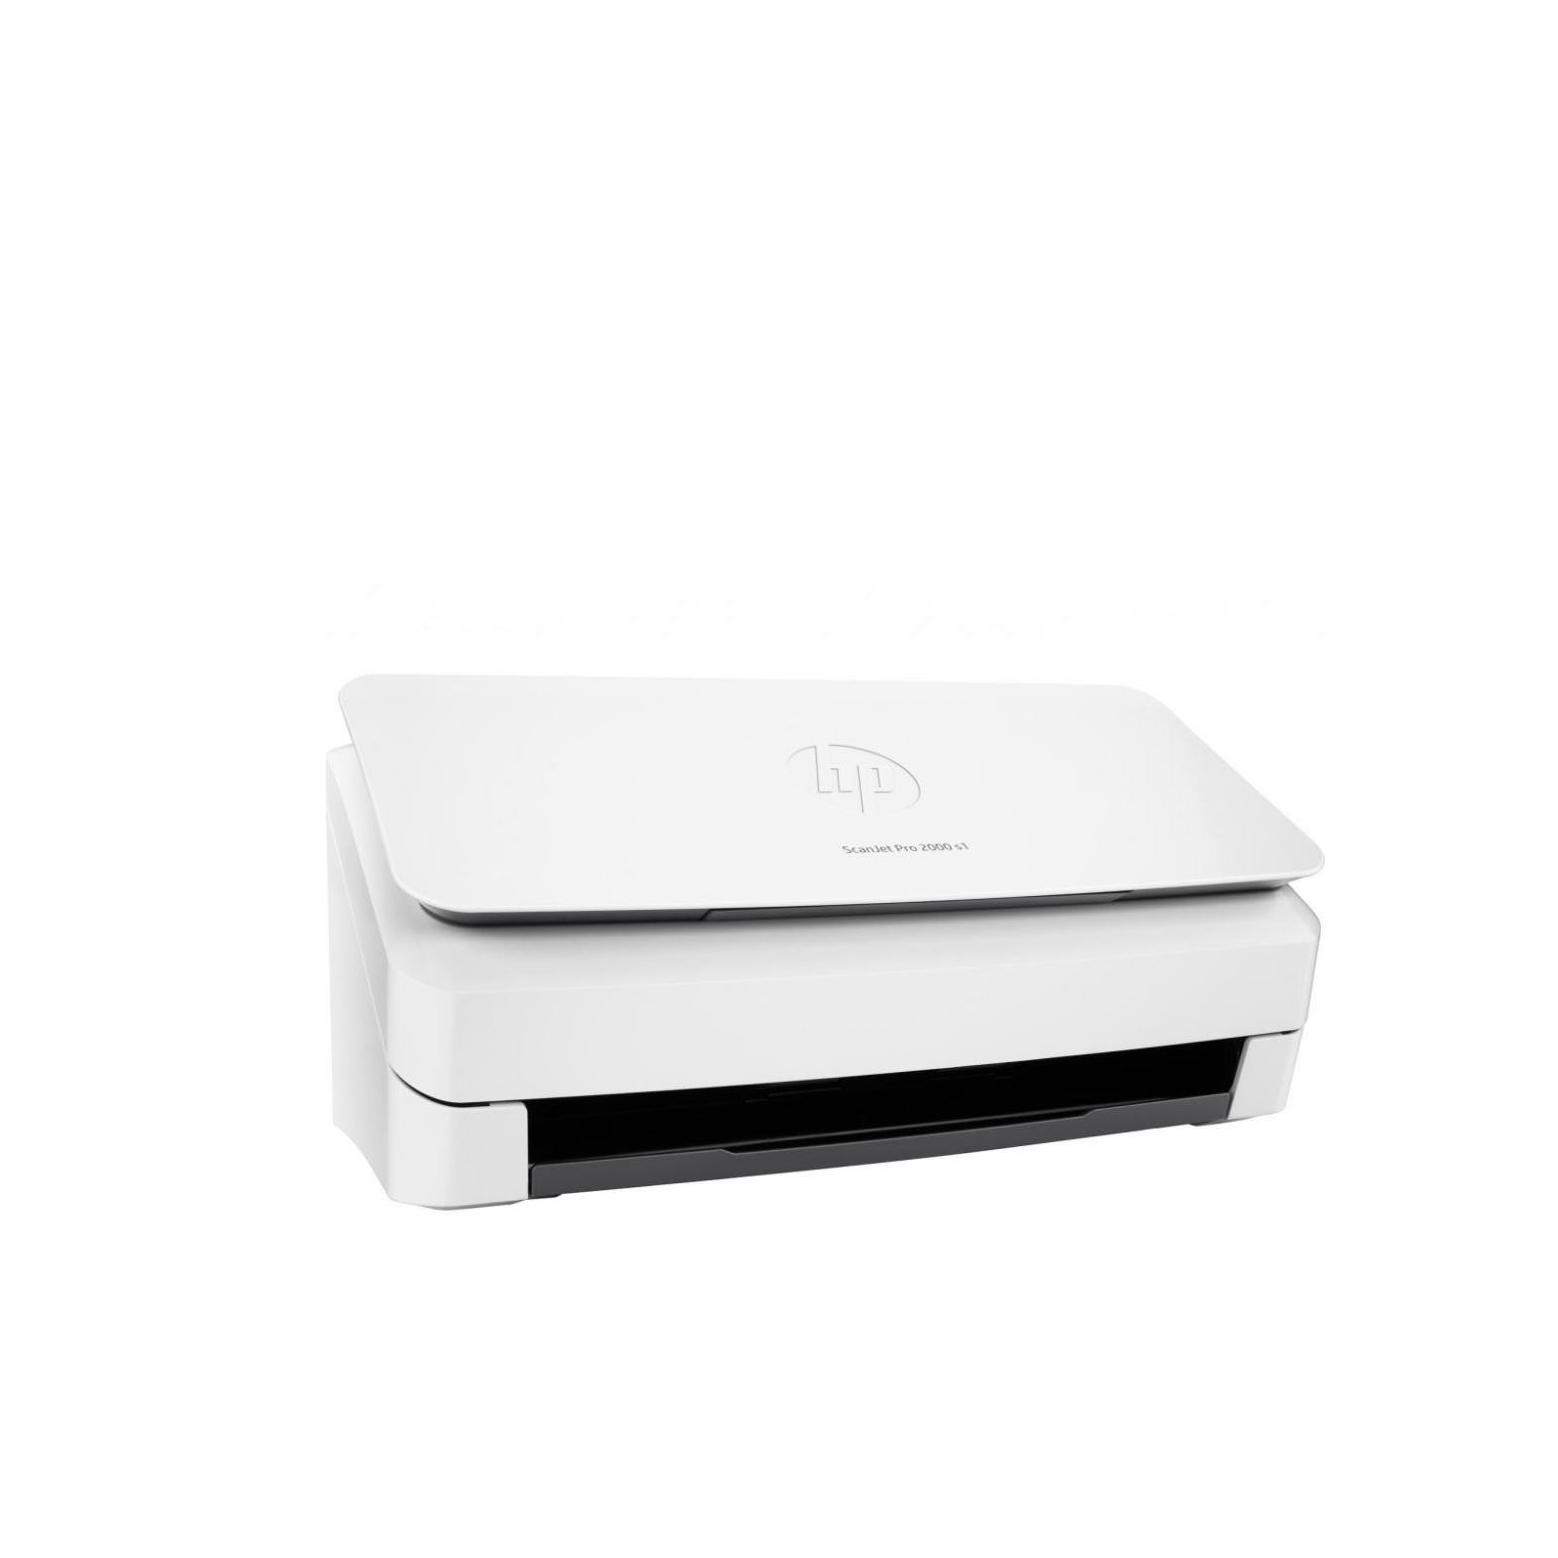 Скоростной - протяжный сканер ScanJet Pro 2000 S1 L2759A